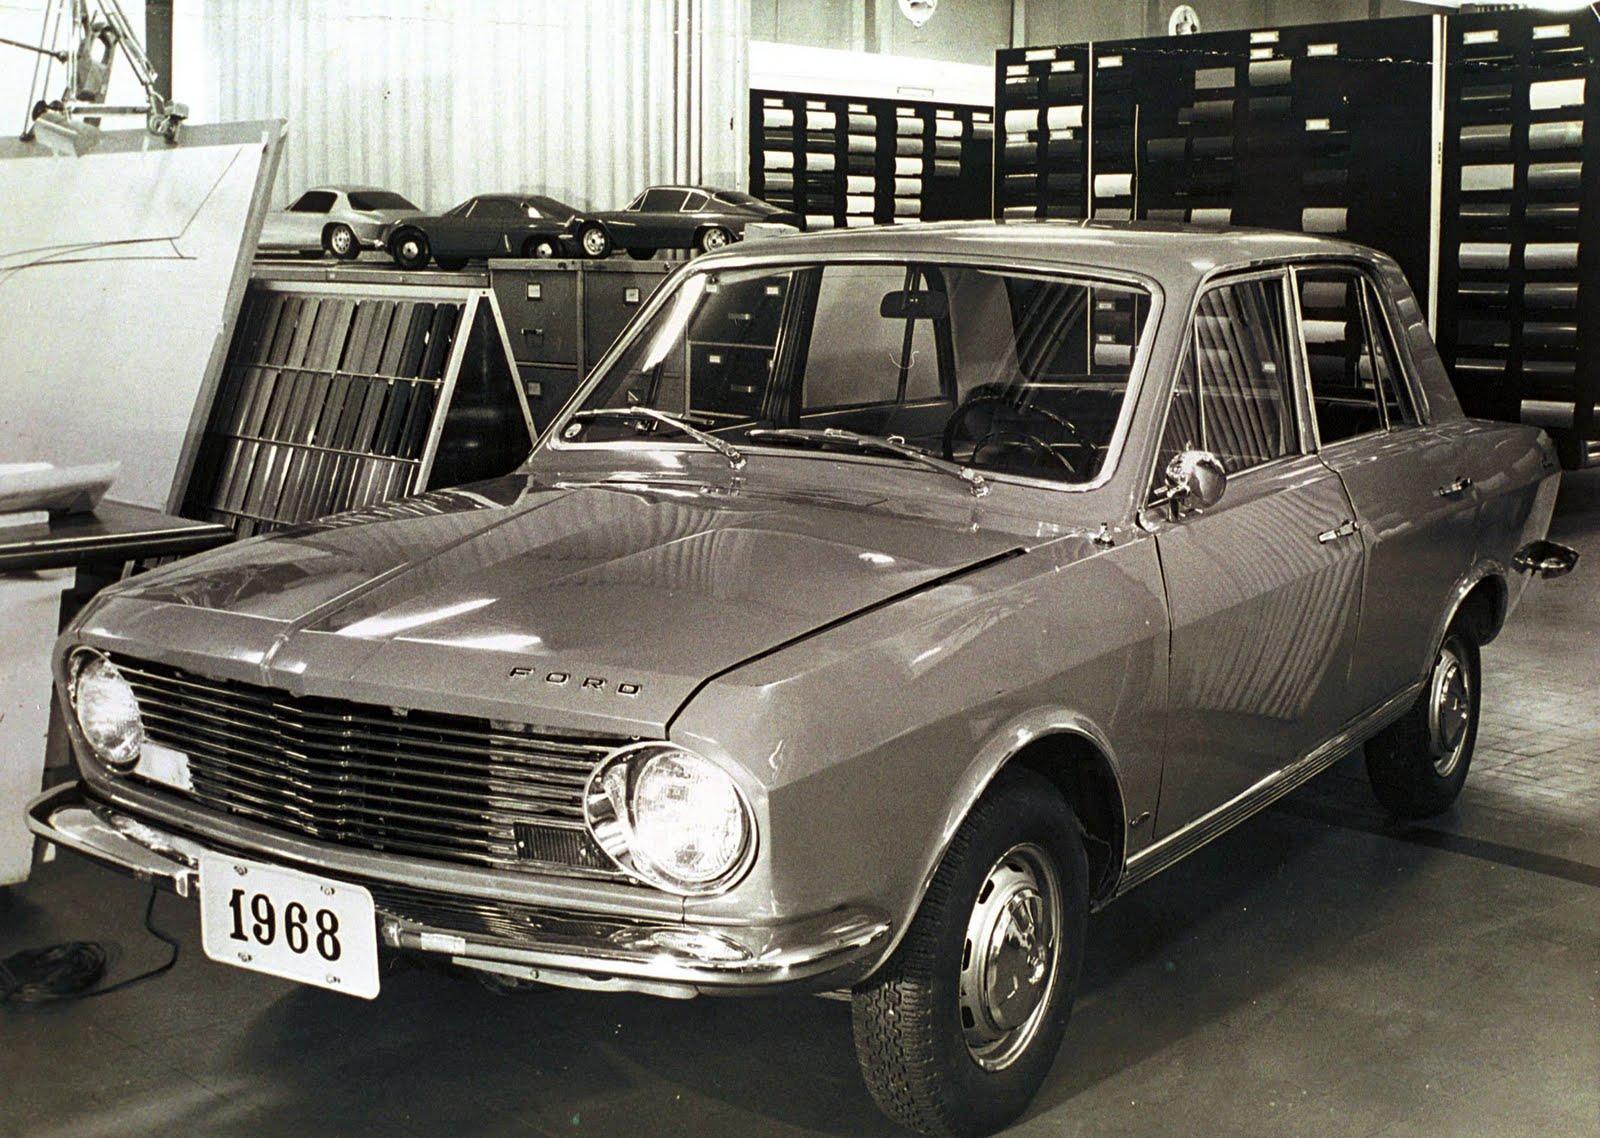 La Ford Corcel, très proche de la Renault 12, est présentée en 1968